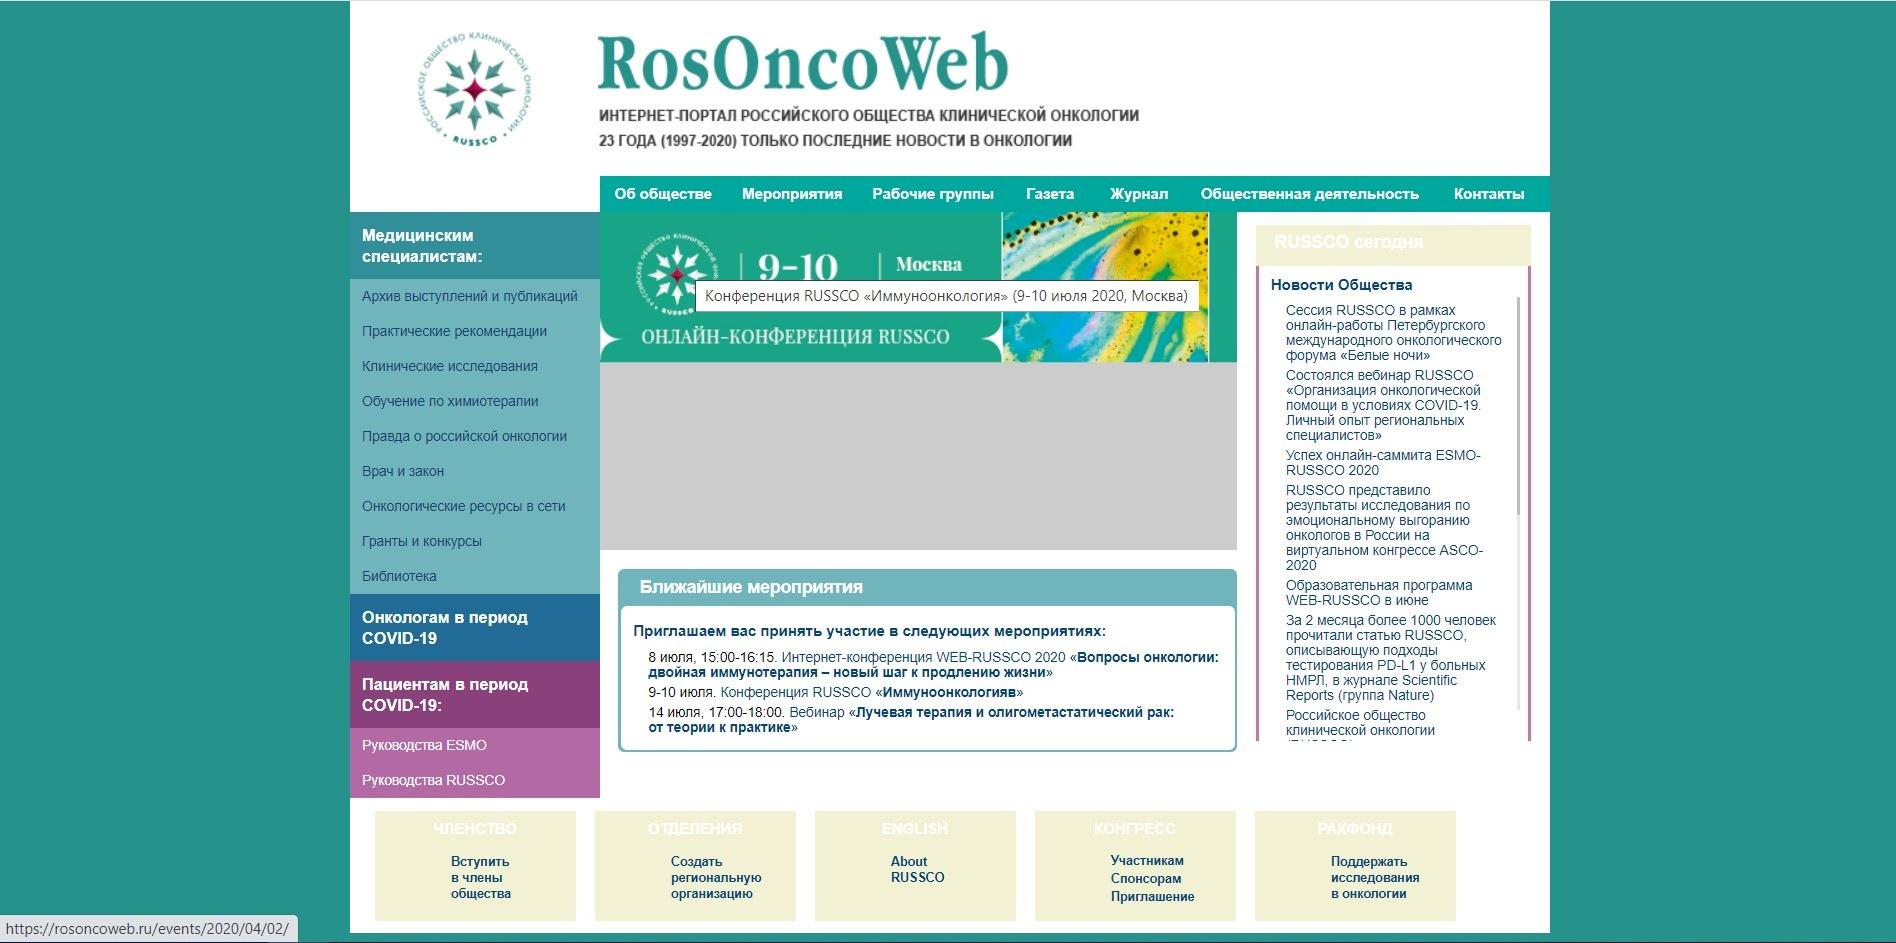 Интернет-портал Российского общества клинической онкологии